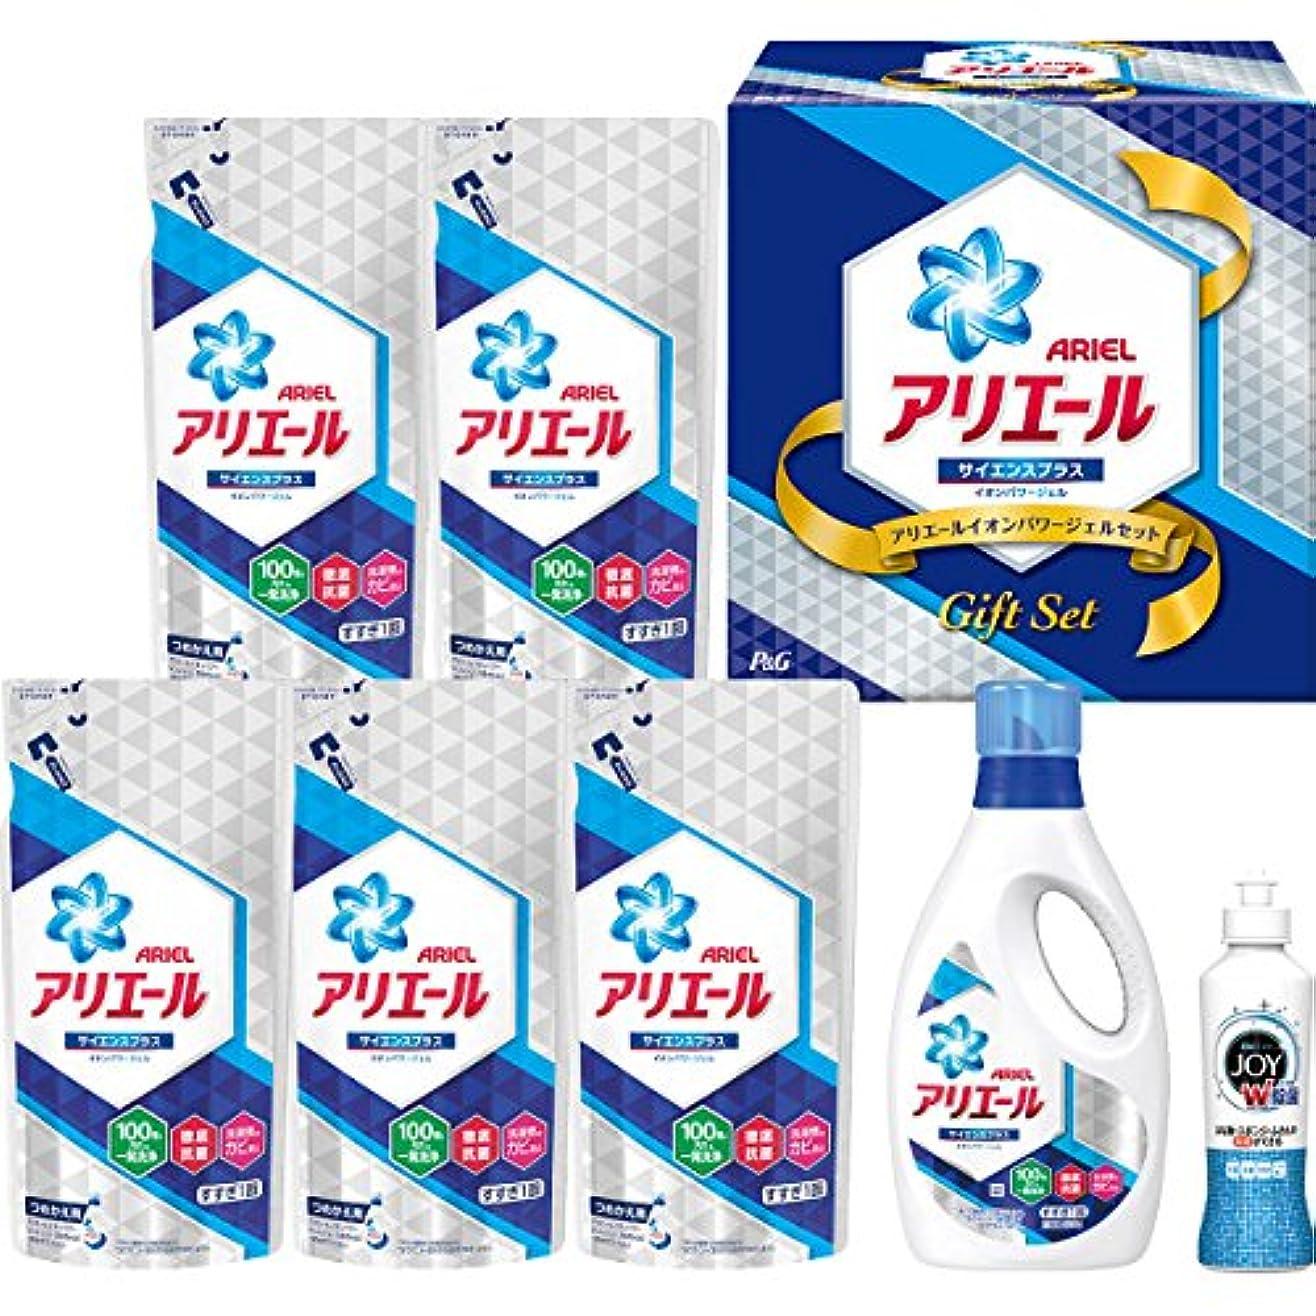 サイレン癌くぼみP&G(ピーアンドジー) 【お歳暮2018】P&G アリエールイオンパワージェルセット(PGIG-40XA)